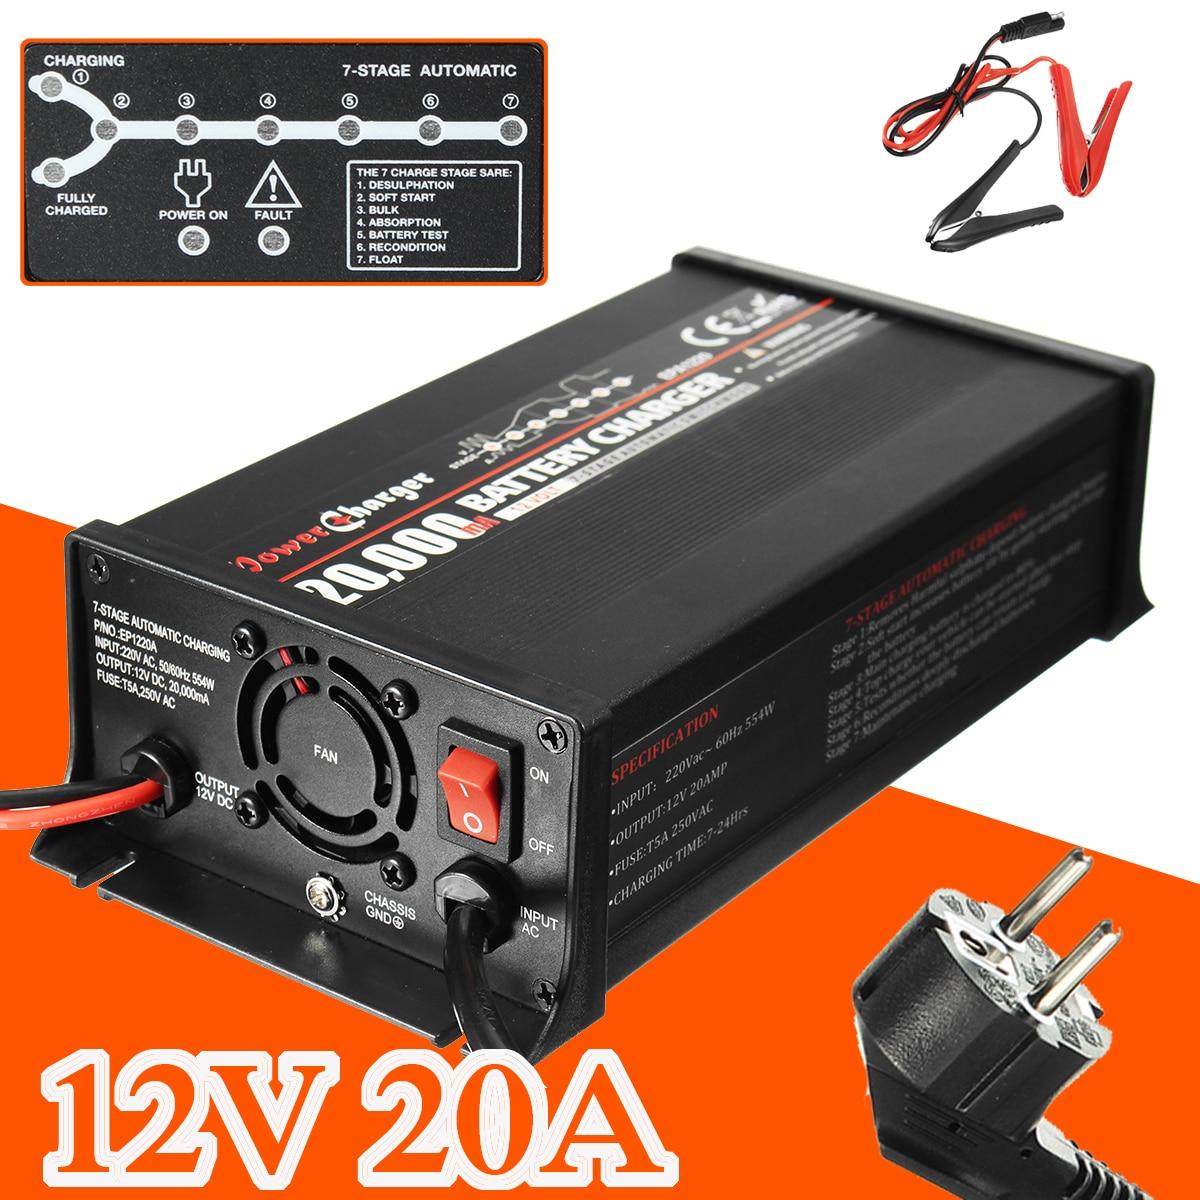 12 v 20A Batterie Chargeur Pour Le Plomb-acide Batterie Entièrement Automatique 7 Chargeur Stade